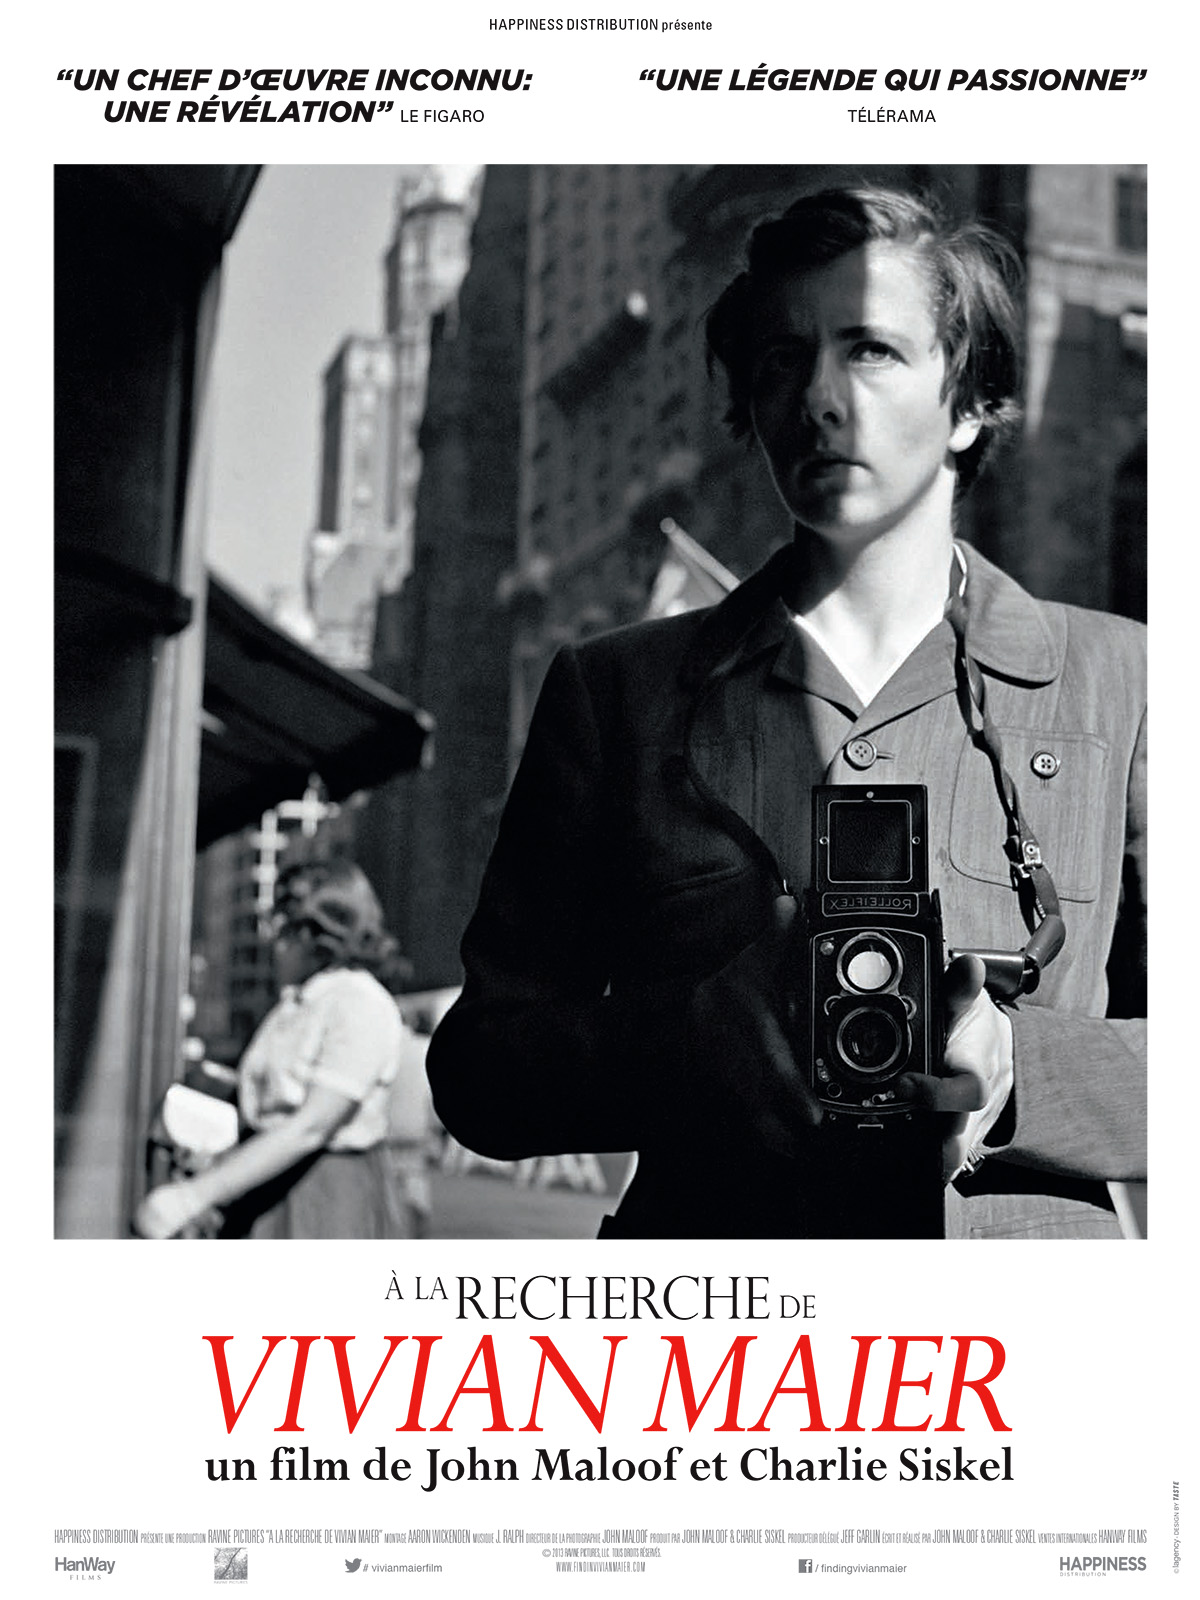 A la recherche de Vivian Maier - film 2013 - AlloCiné